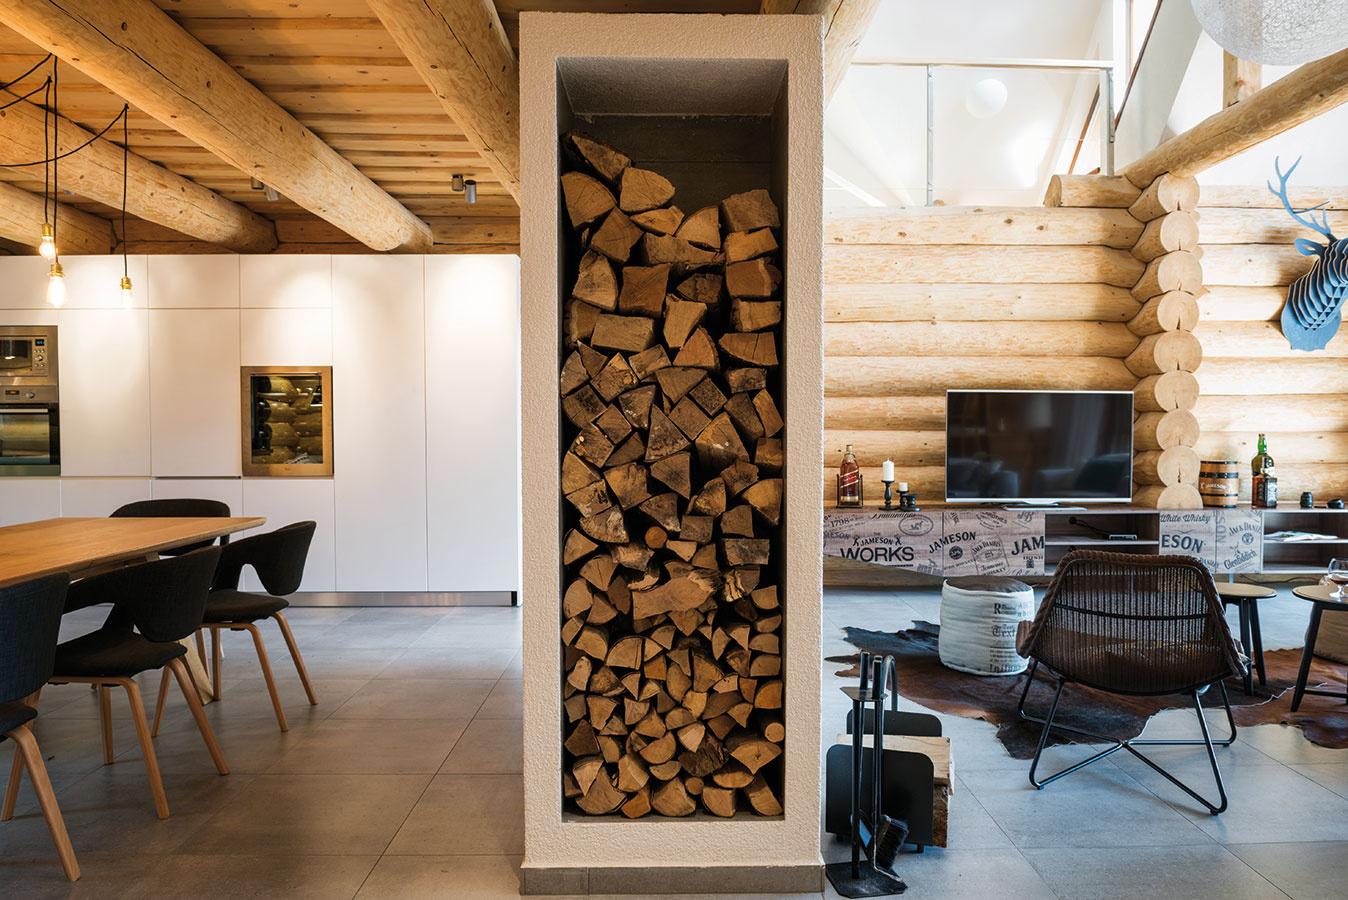 Príjemná logika kozuba. Votvorenom spoločenskom priestore určuje kozub hranicu medzi obývačkou ajedálňou – vďaka obojstrannej vložke si možno voboch častiach užívať atmosféru ohňa. Bočná nika je praktickým miestom na uloženie dreva.